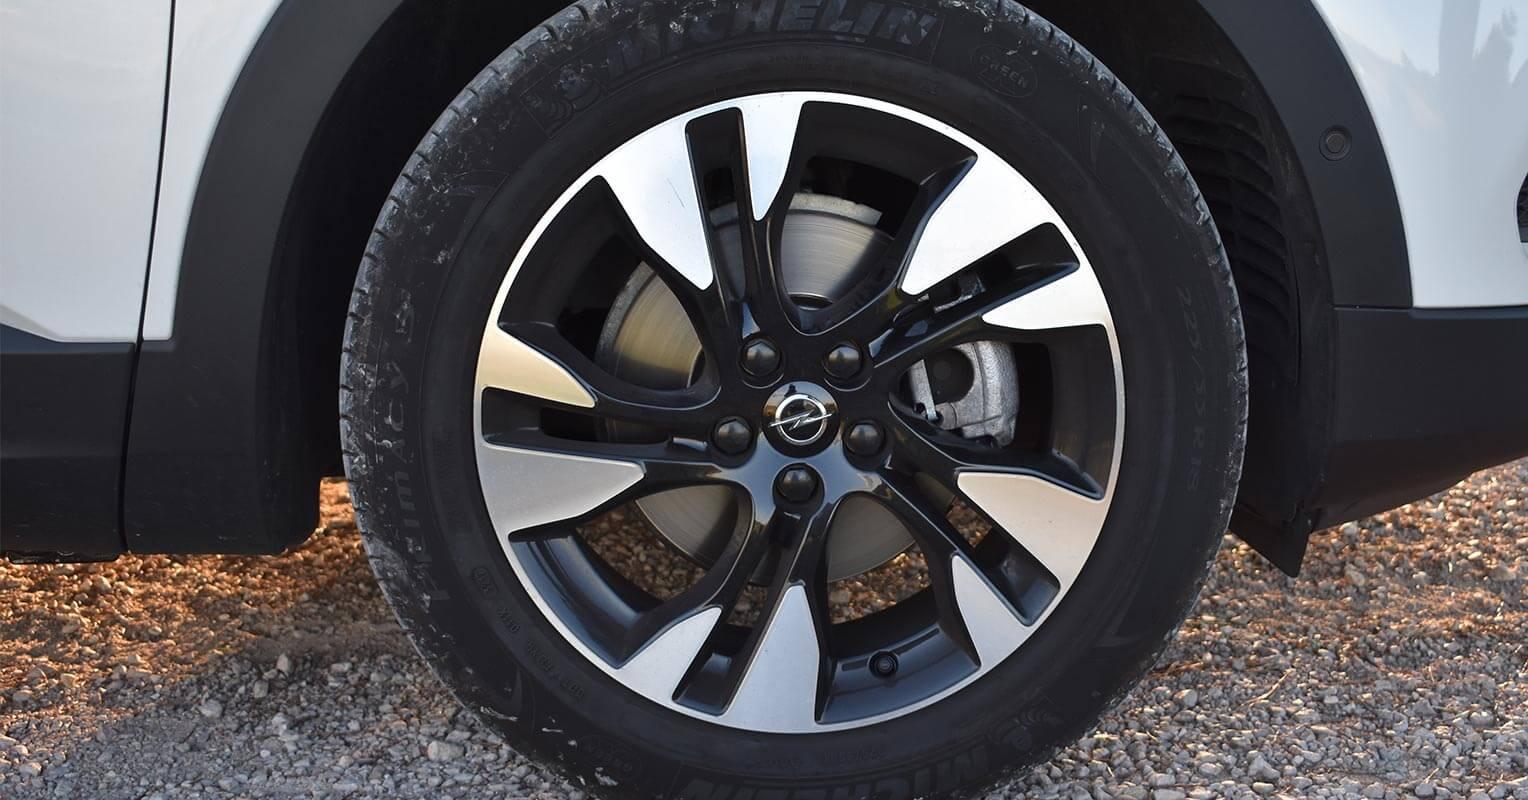 Llantas del Opel Grandland X